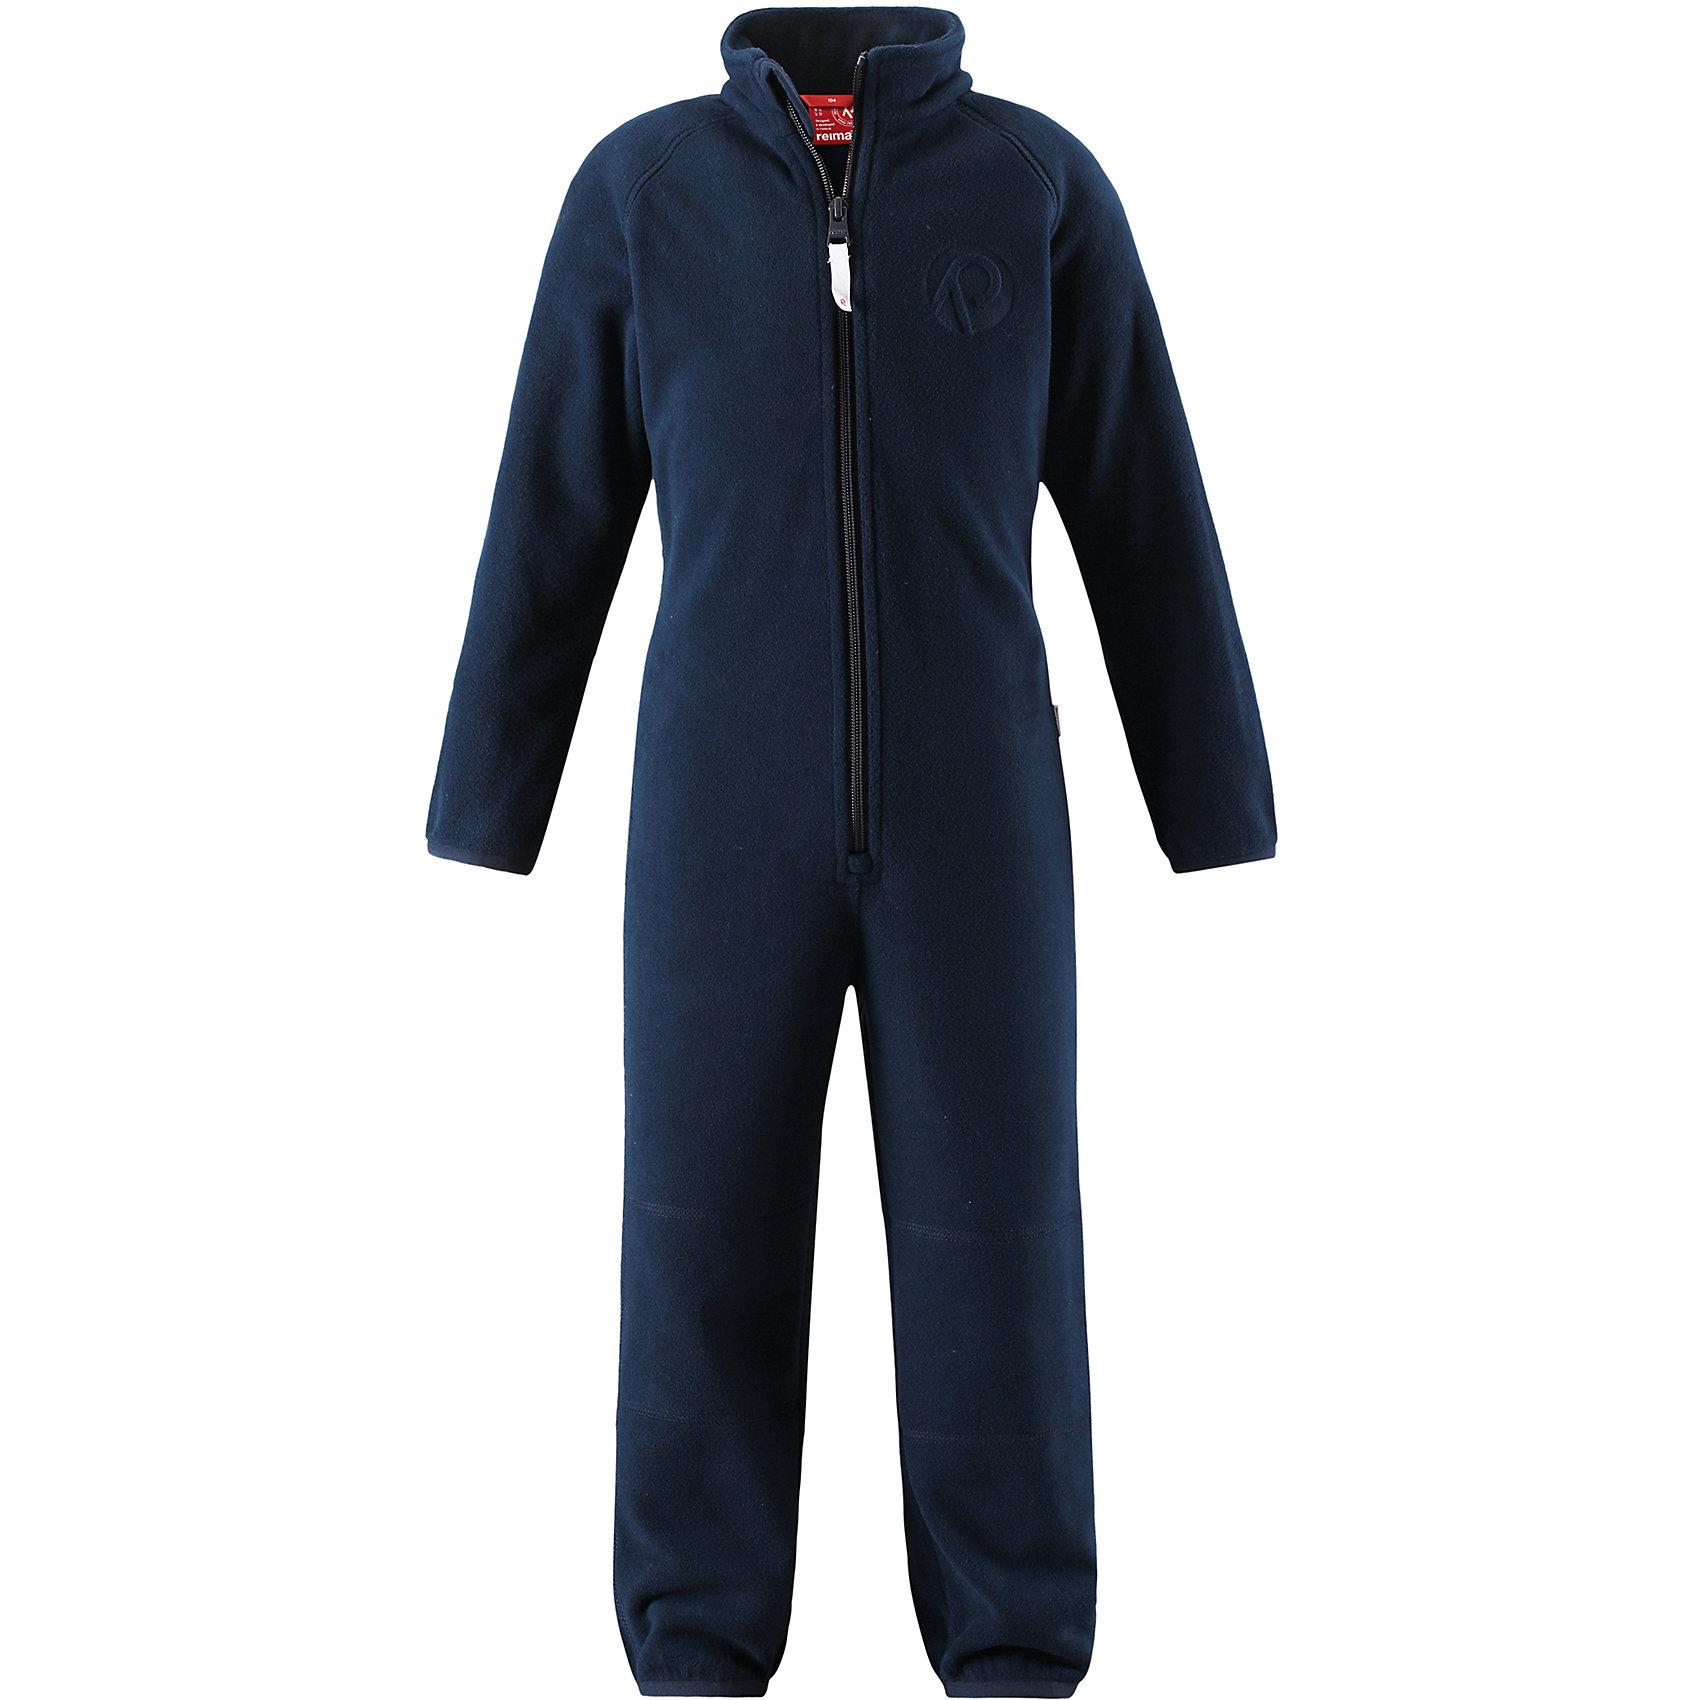 Флисовый комбинезон Reima KrazФлис и термобелье<br>Характеристики товара:<br><br>• цвет: синий;<br>• состав: 100% полиэстер;<br>• сезон: зима;<br>• застежка: молния по всей длине с защитой подбородка;<br>• быстро сохнут и сохраняют тепло;<br>• выводит влагу в верхние слои одежды;<br>• эластичные манжеты на рукавах и брючинах;<br>• эластичная сборка сзади;<br>• страна бренда: Финляндия;<br>• страна изготовитель: Китай.<br><br>Мягкий и легкий полярный флис – это теплый и при этом быстросохнущий материал, который отводит влагу и не парит даже во время активных игр. Флисовый комбинезон очень легко надевать: молния во всю длину облегчает надевание, а эластичная регулируемая талия плотно держит брюки на поясе. Это лучший вариант для поддевания под верхнюю одежду.<br><br>Флисовый комбинезон Reima Kraz от финского бренда Reima (Рейма) можно купить в нашем интернет-магазине.<br><br>Ширина мм: 190<br>Глубина мм: 74<br>Высота мм: 229<br>Вес г: 236<br>Цвет: синий<br>Возраст от месяцев: 84<br>Возраст до месяцев: 96<br>Пол: Унисекс<br>Возраст: Детский<br>Размер: 128,92,98,104,110,116,122<br>SKU: 6901941